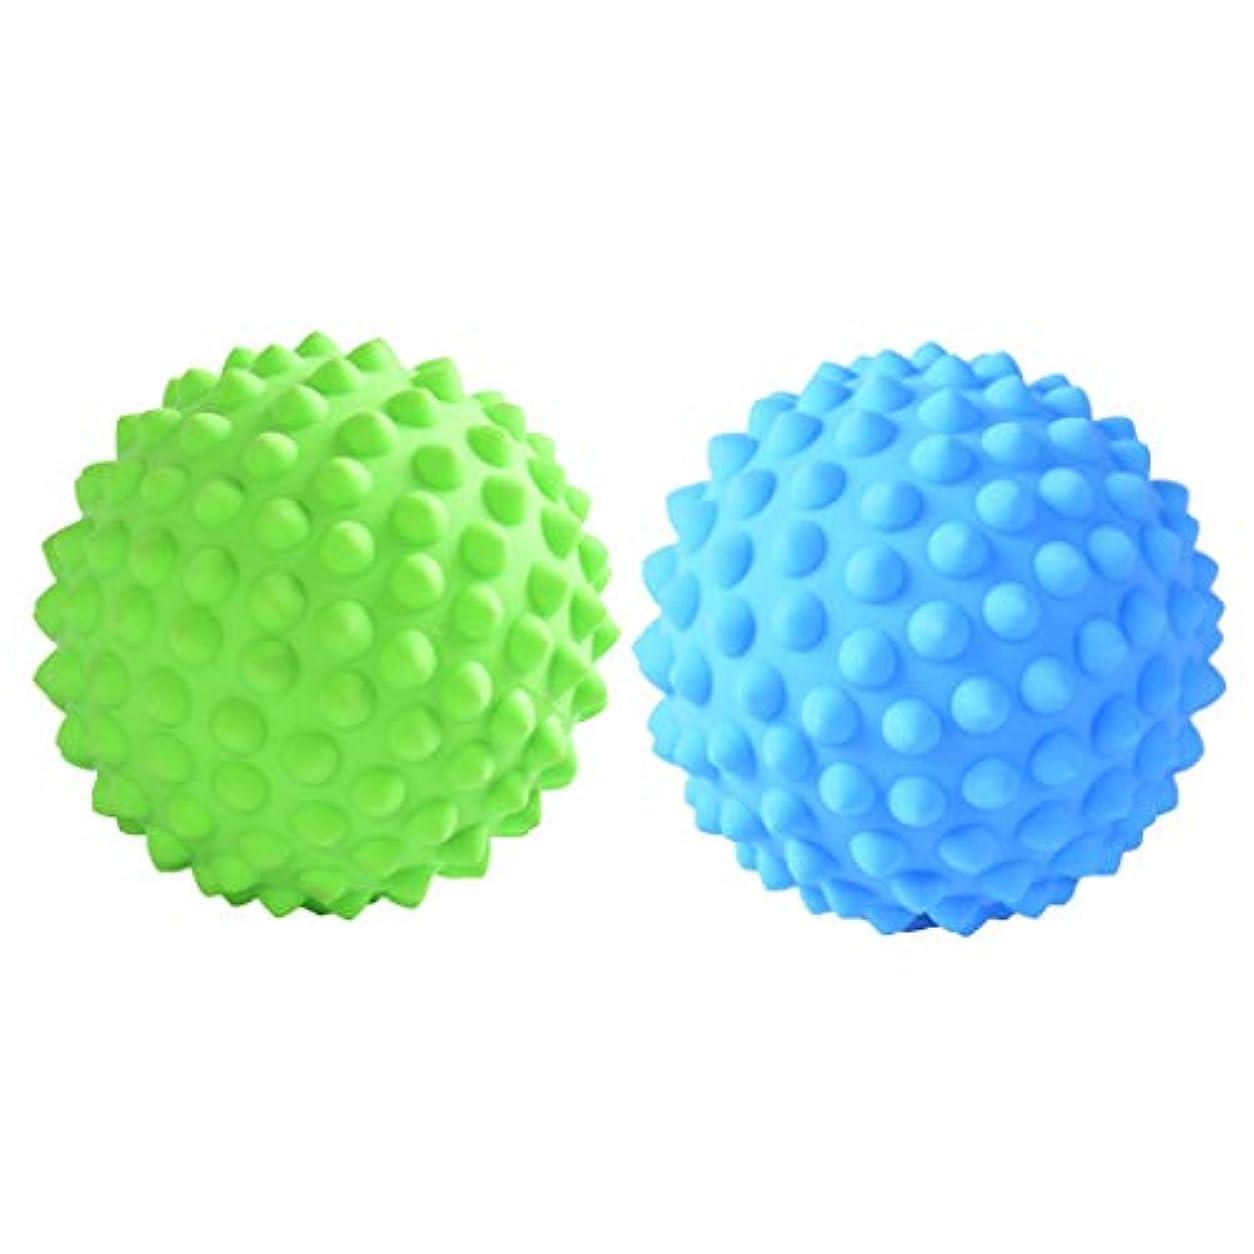 並外れた輪郭メディカルCUTICATE マッサージローラーボール 指圧ボール PVC トリガーポイント 筋膜 疲労軽減 健康的 2個入